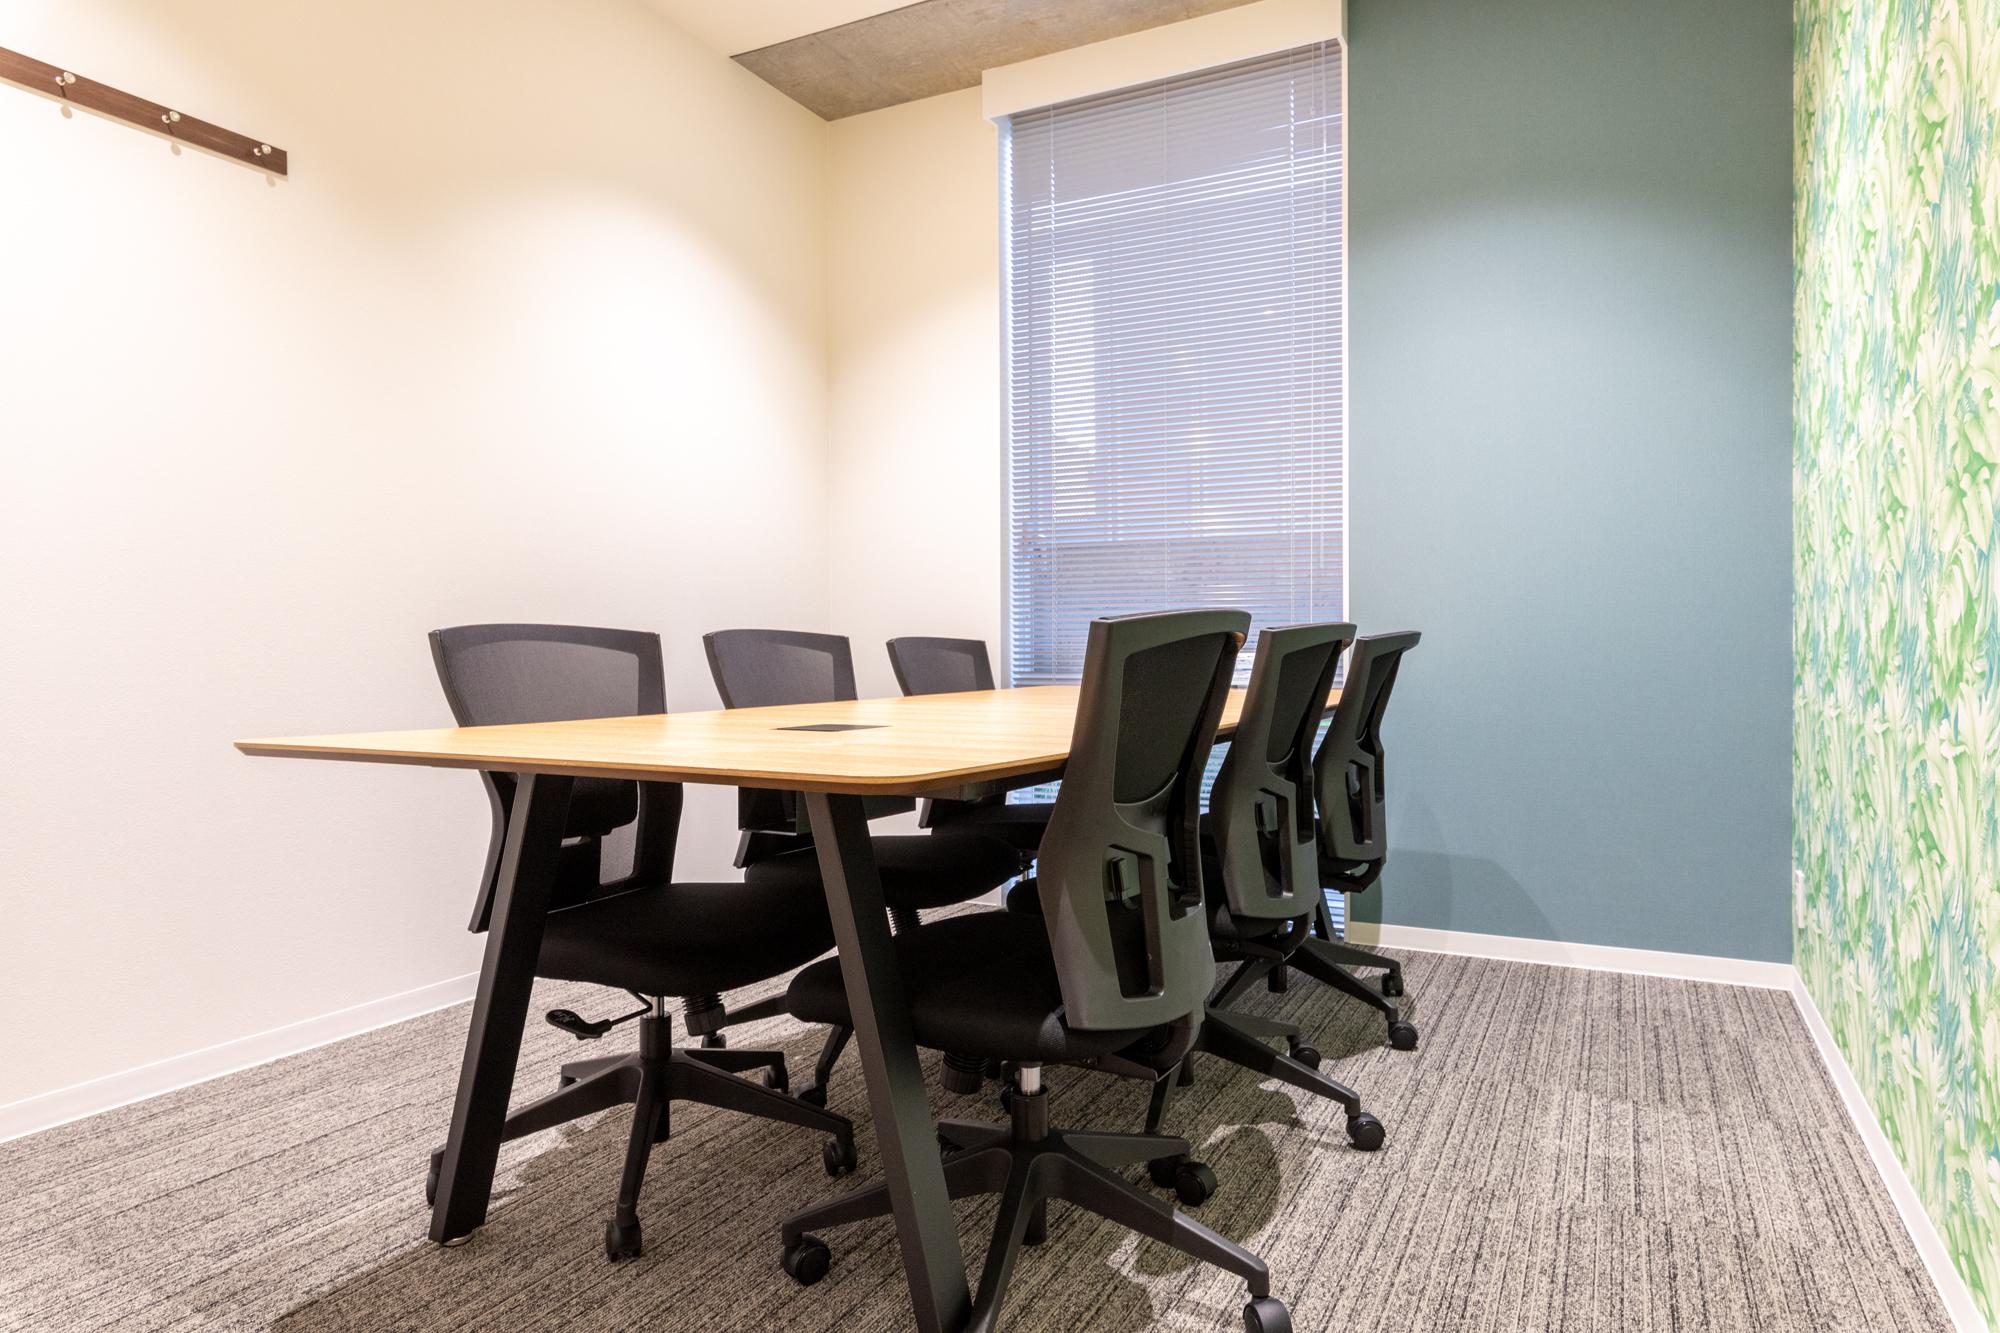 全国50拠点の会議室が利用可能-毎月5時間は無料-